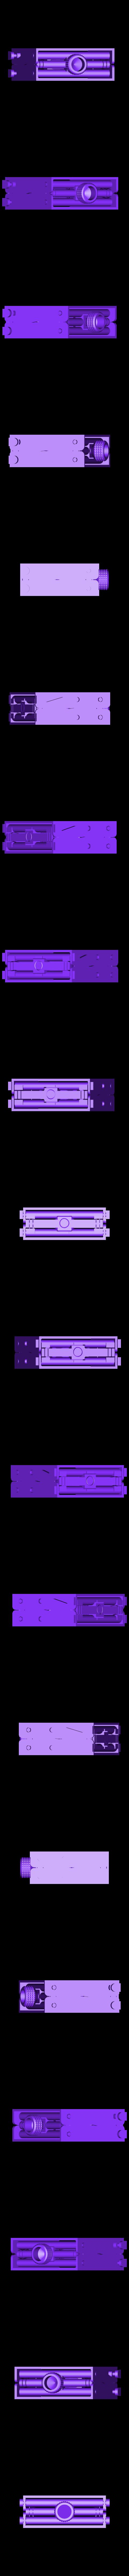 Platform_Jack_0.65mm_tolerance.STL Download free STL file Platform Jack  [Fully Assembled, No Supports] • Object to 3D print, Bolrod